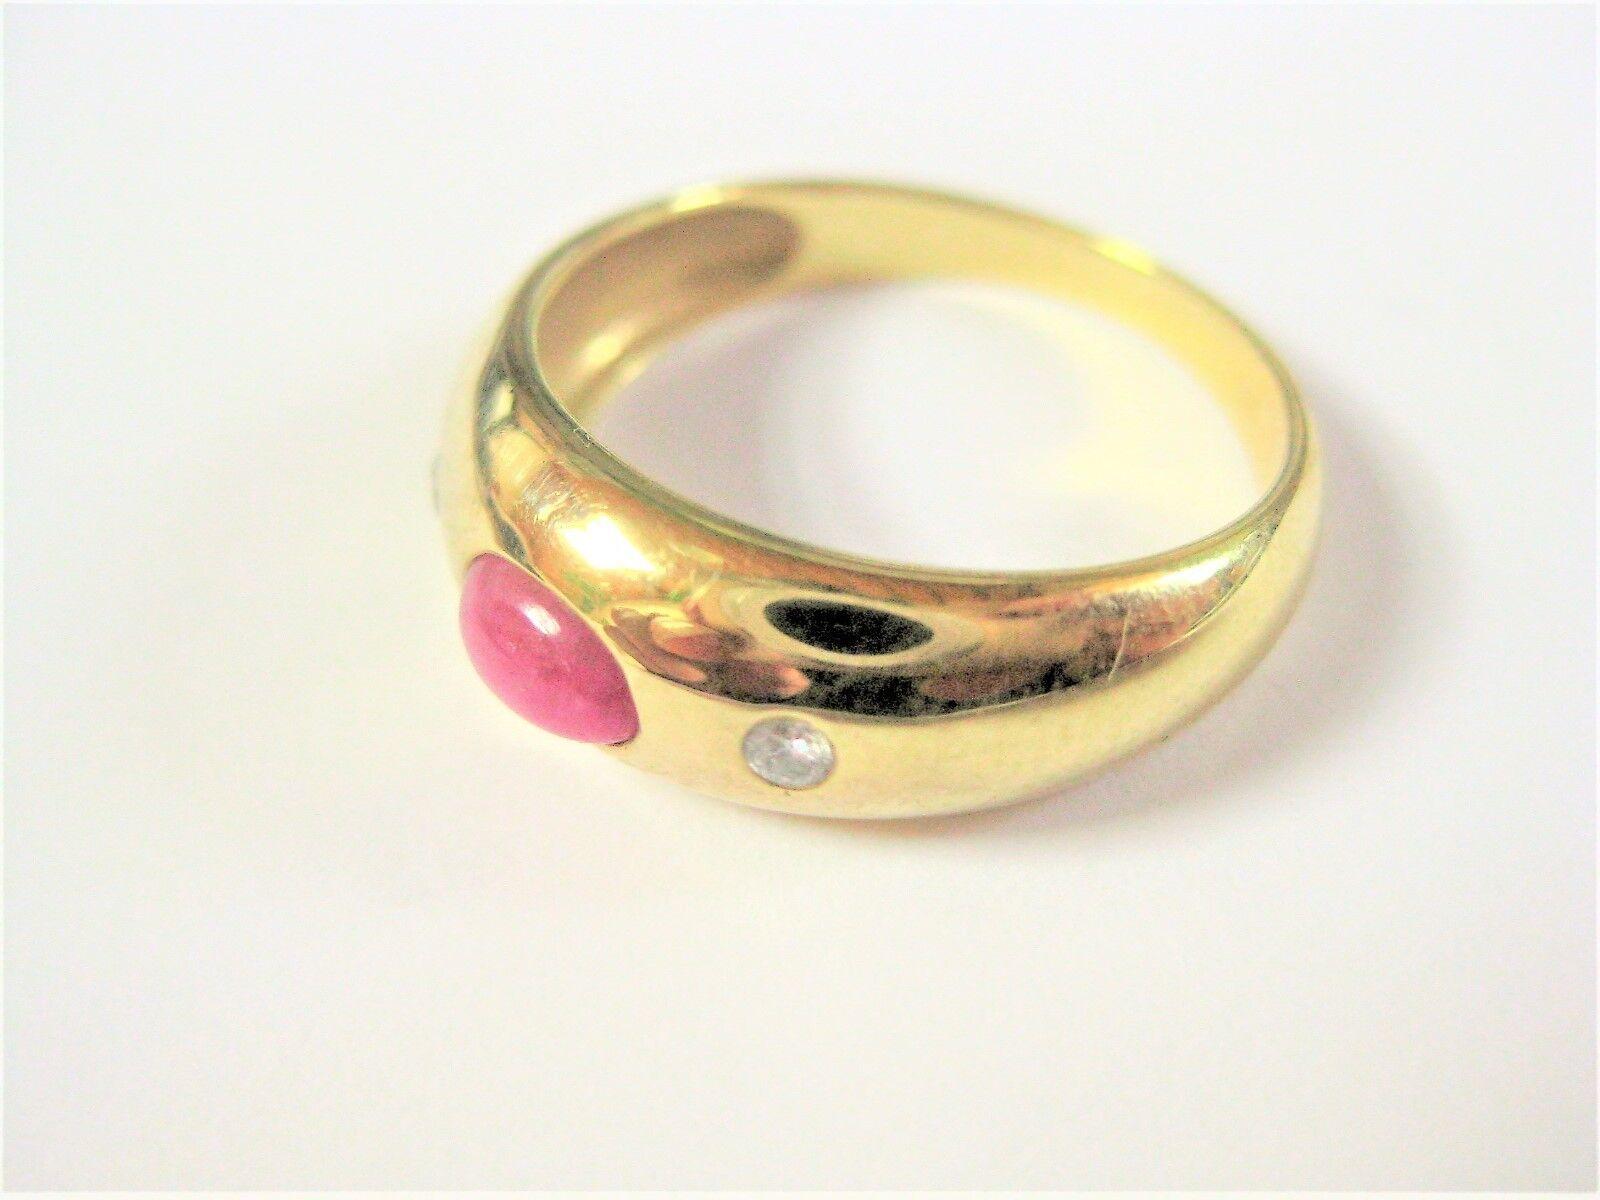 Anello Anello Anello oro 333 con rubino e brillanti 2 57 G bf34d4